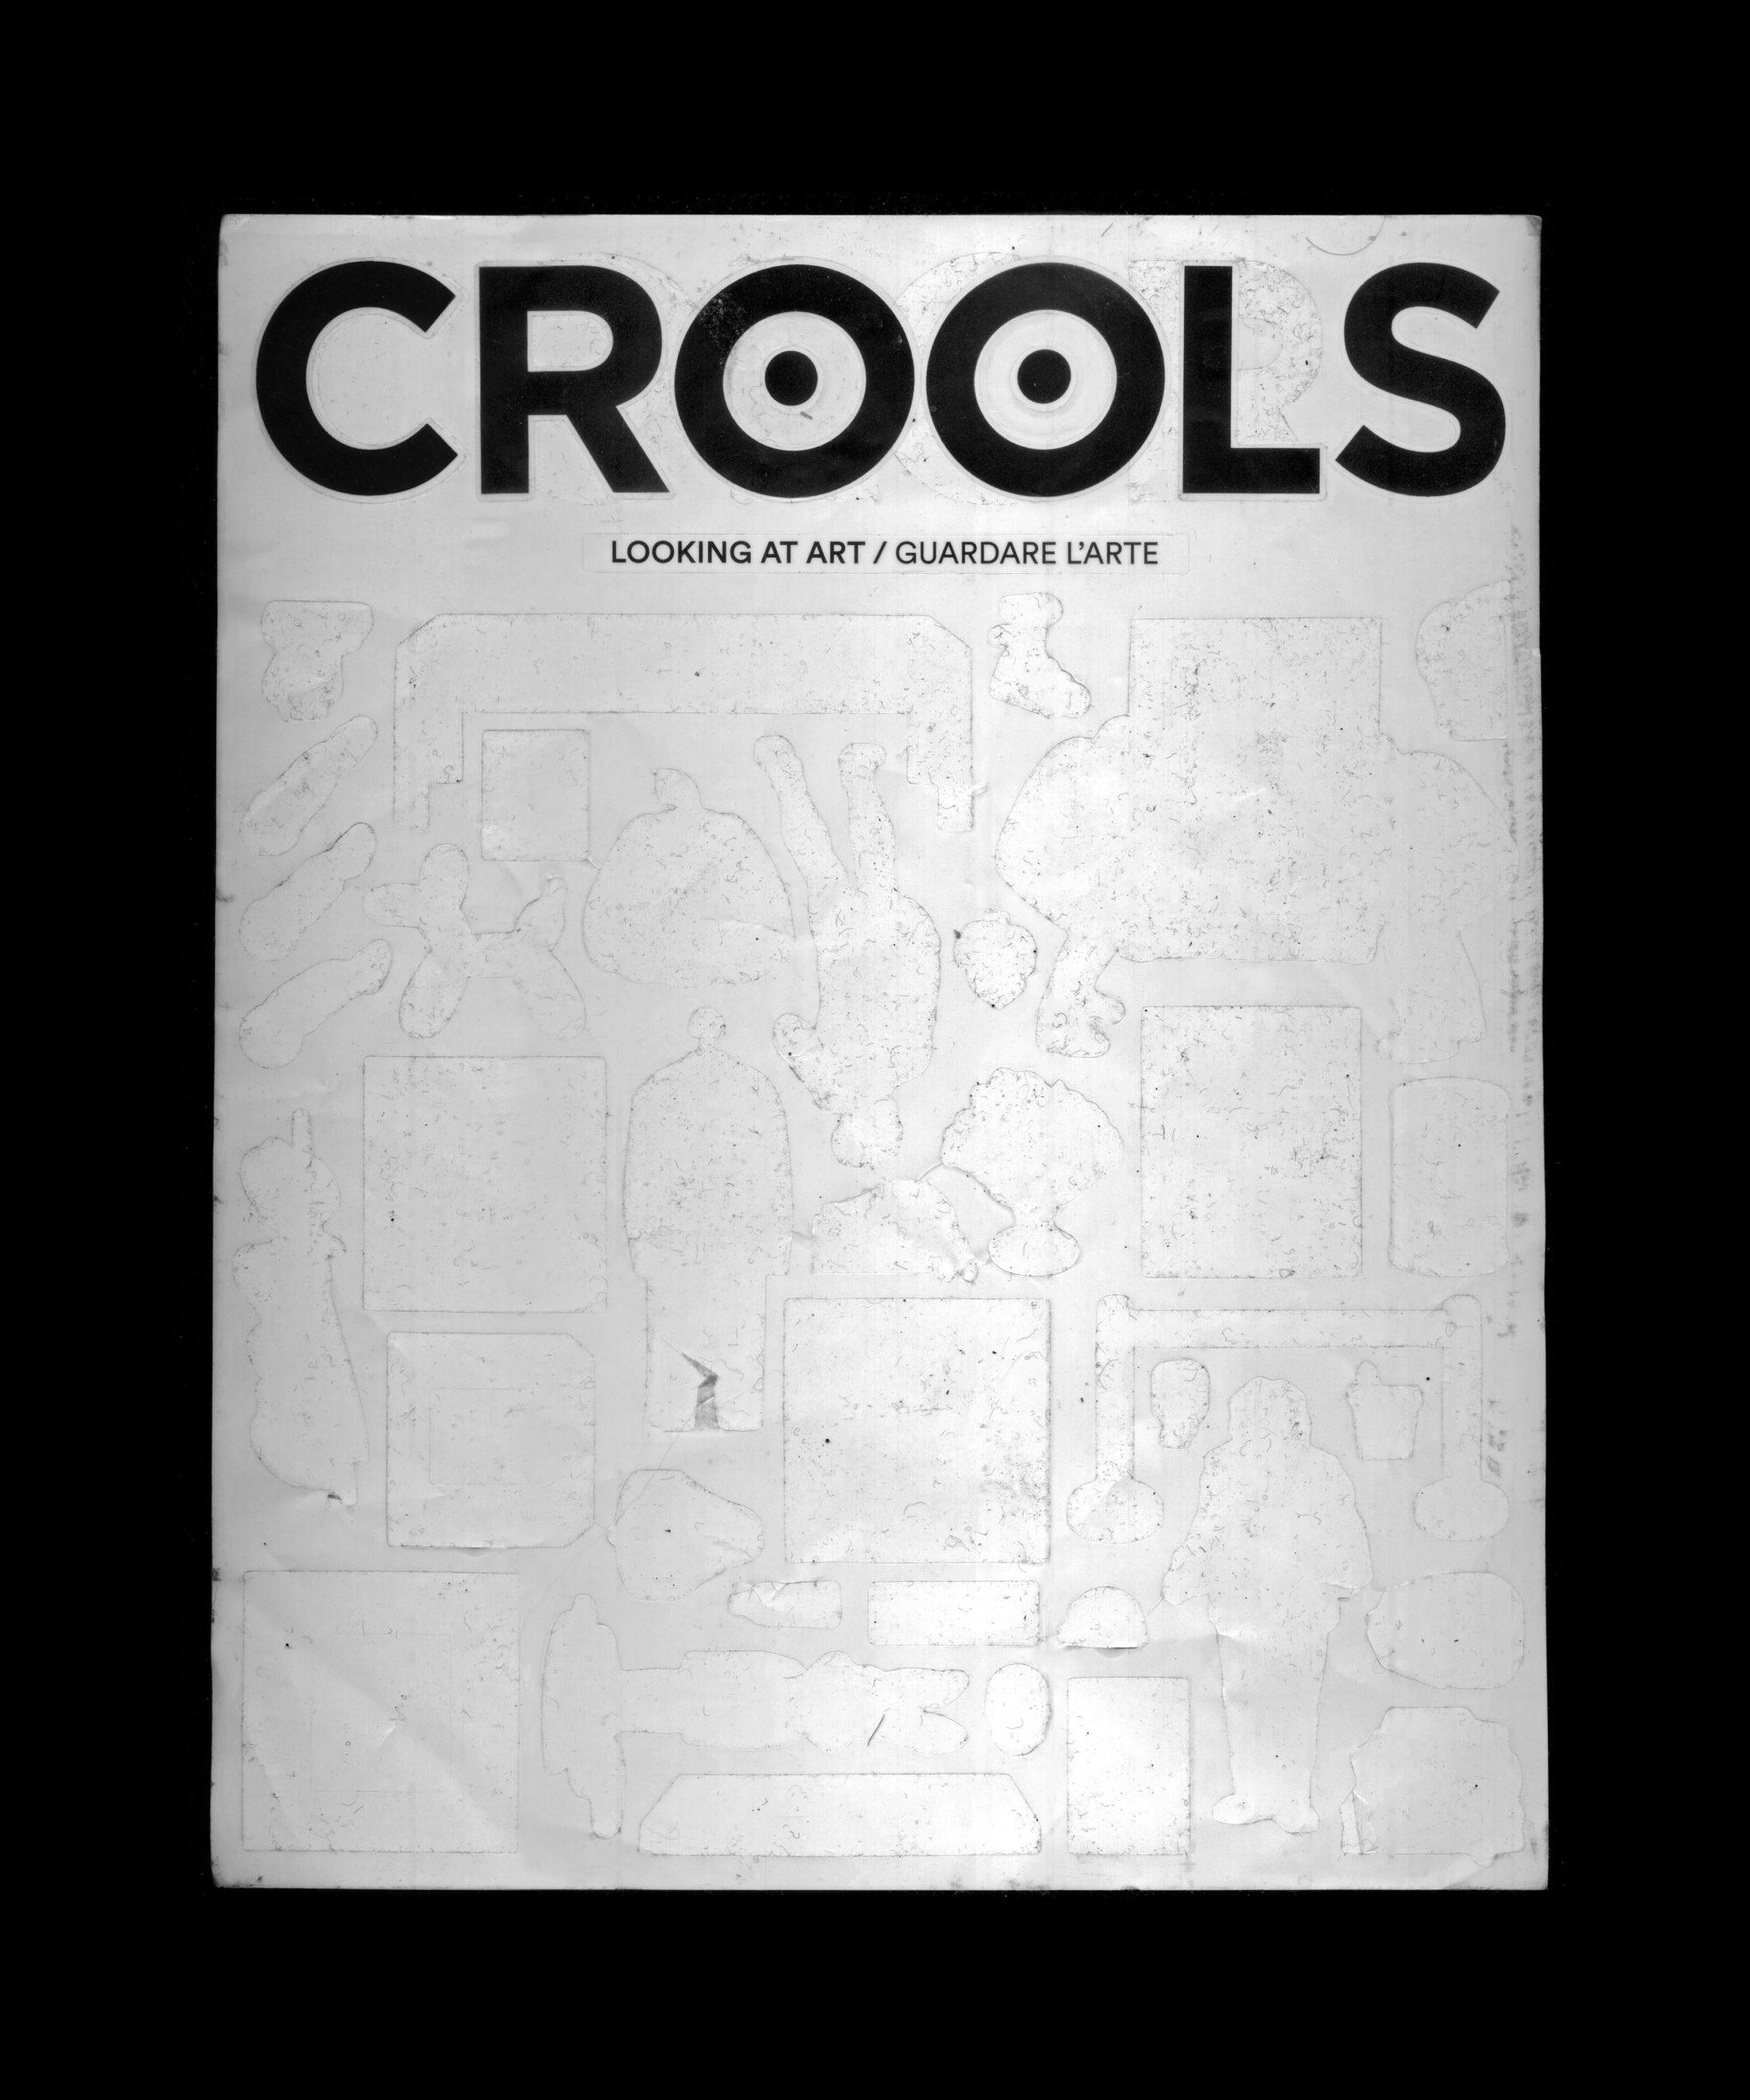 Crools